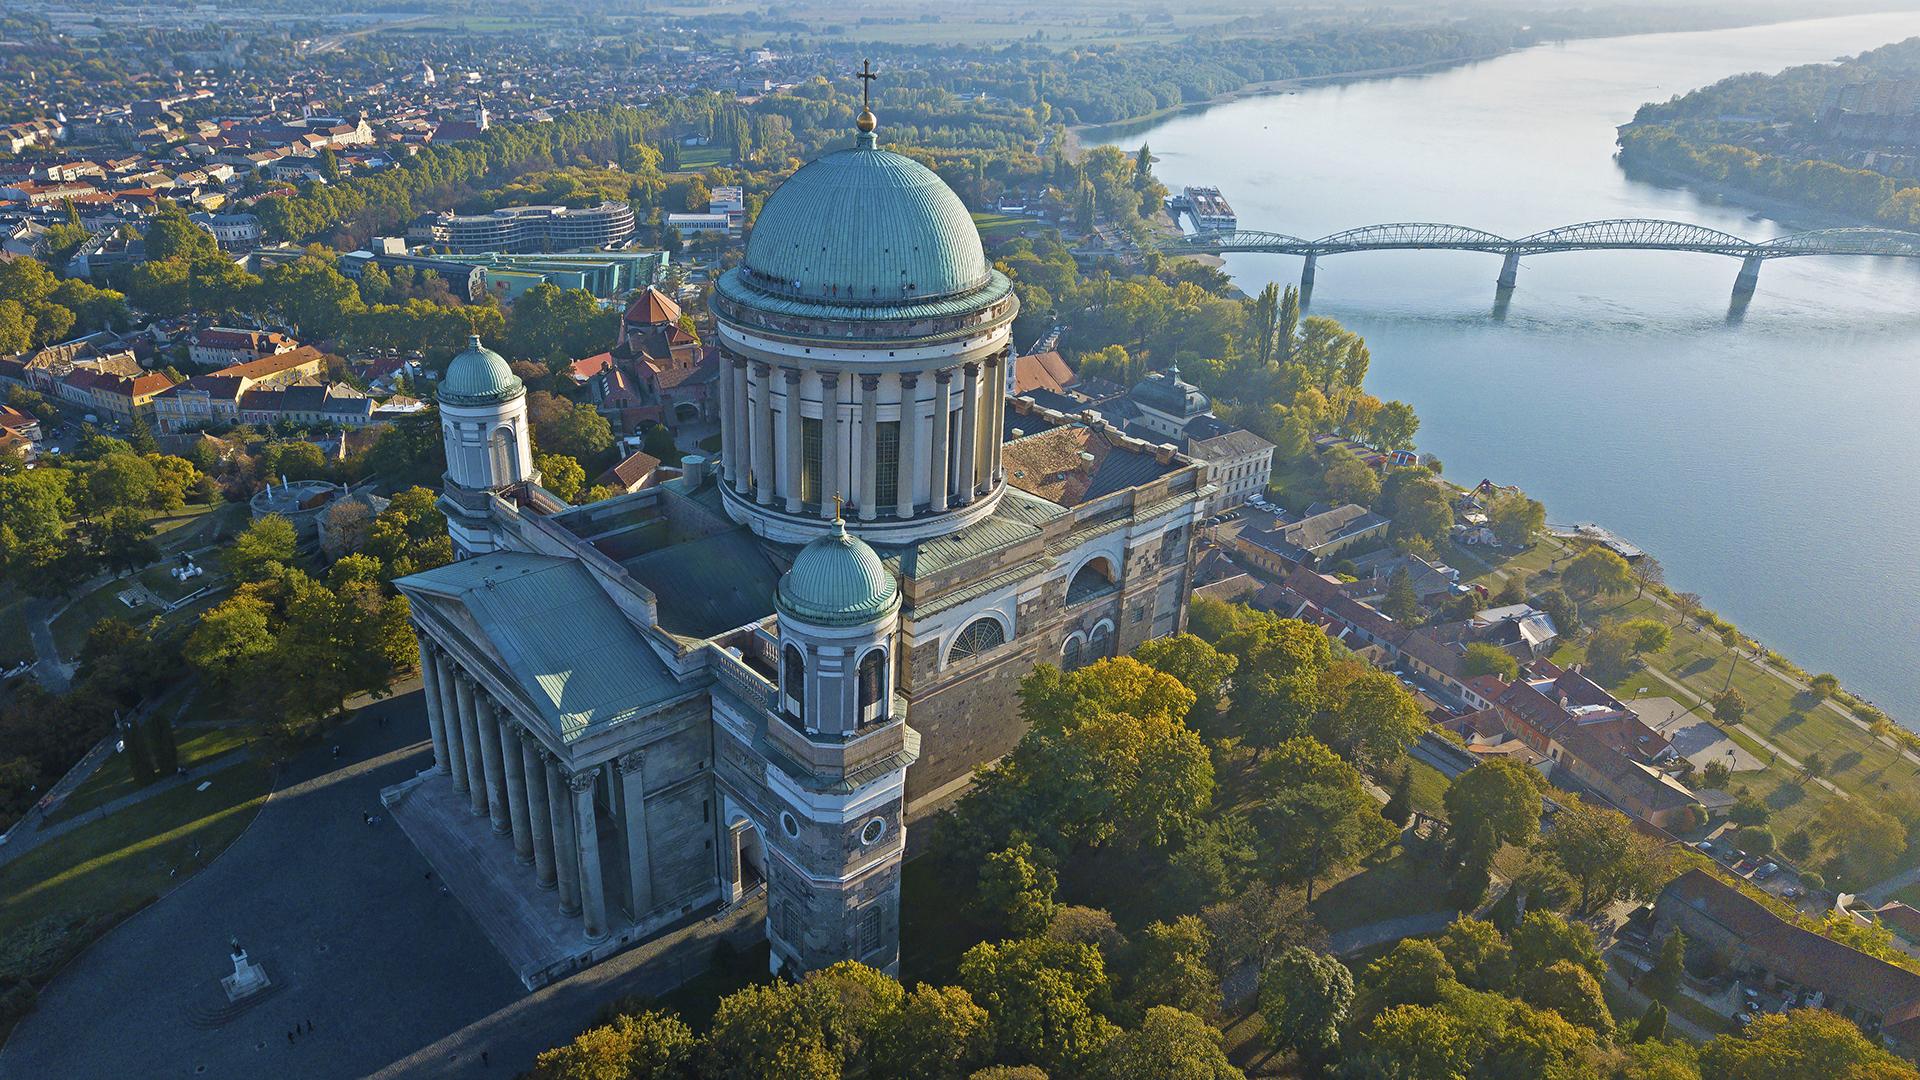 176 éves időkapszulát rejtett az Esztergomi Bazilika keresztje